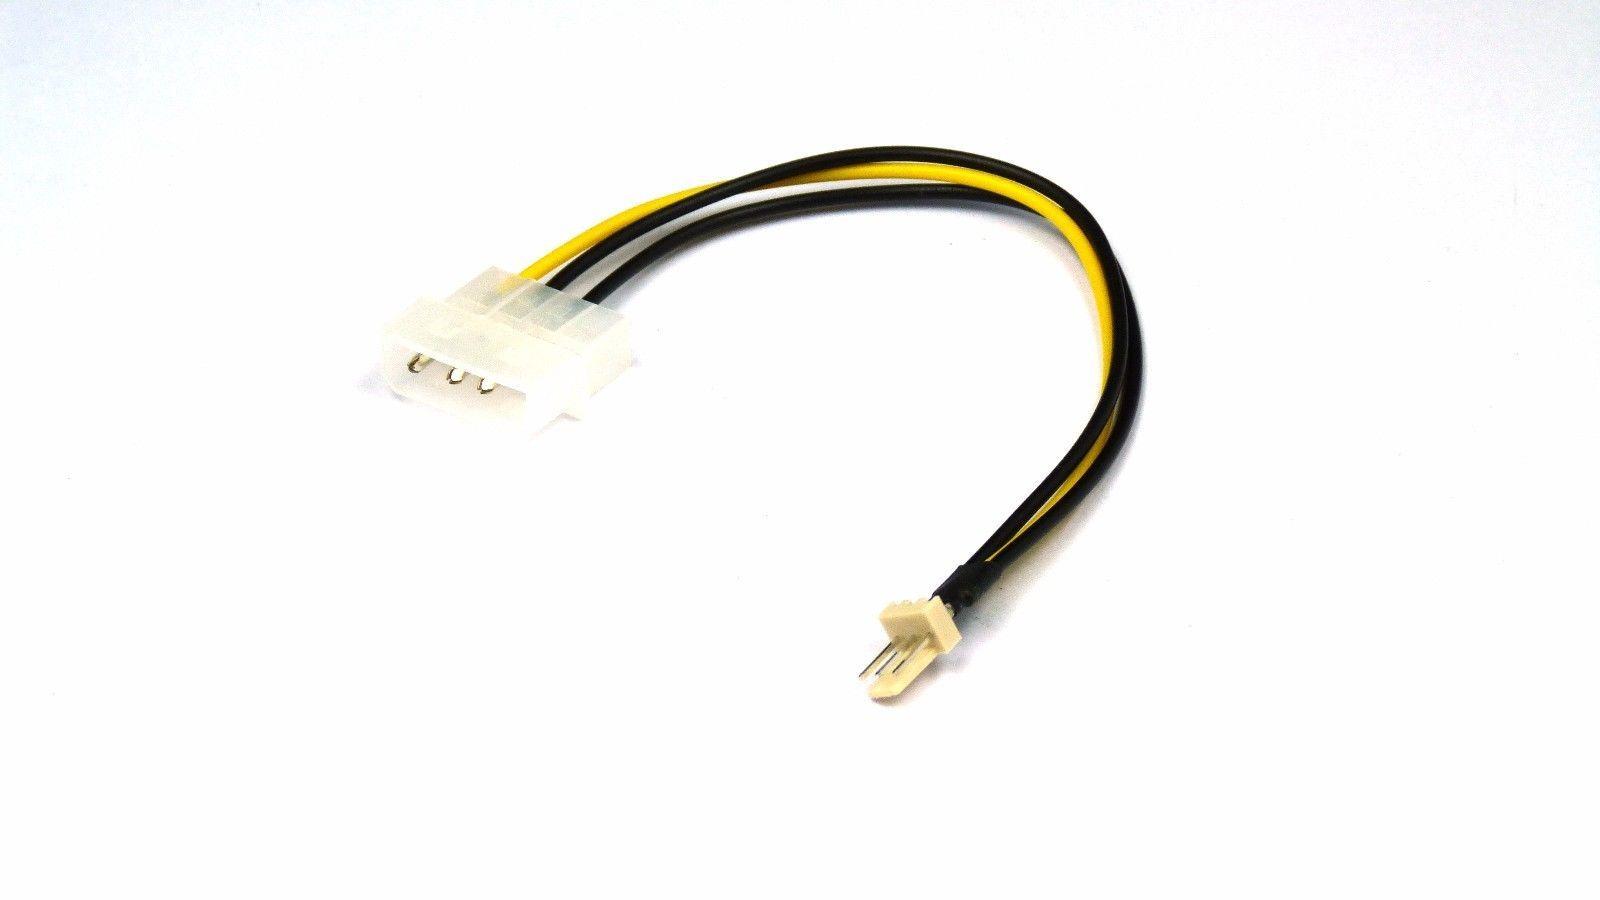 4 Pin Molex Power